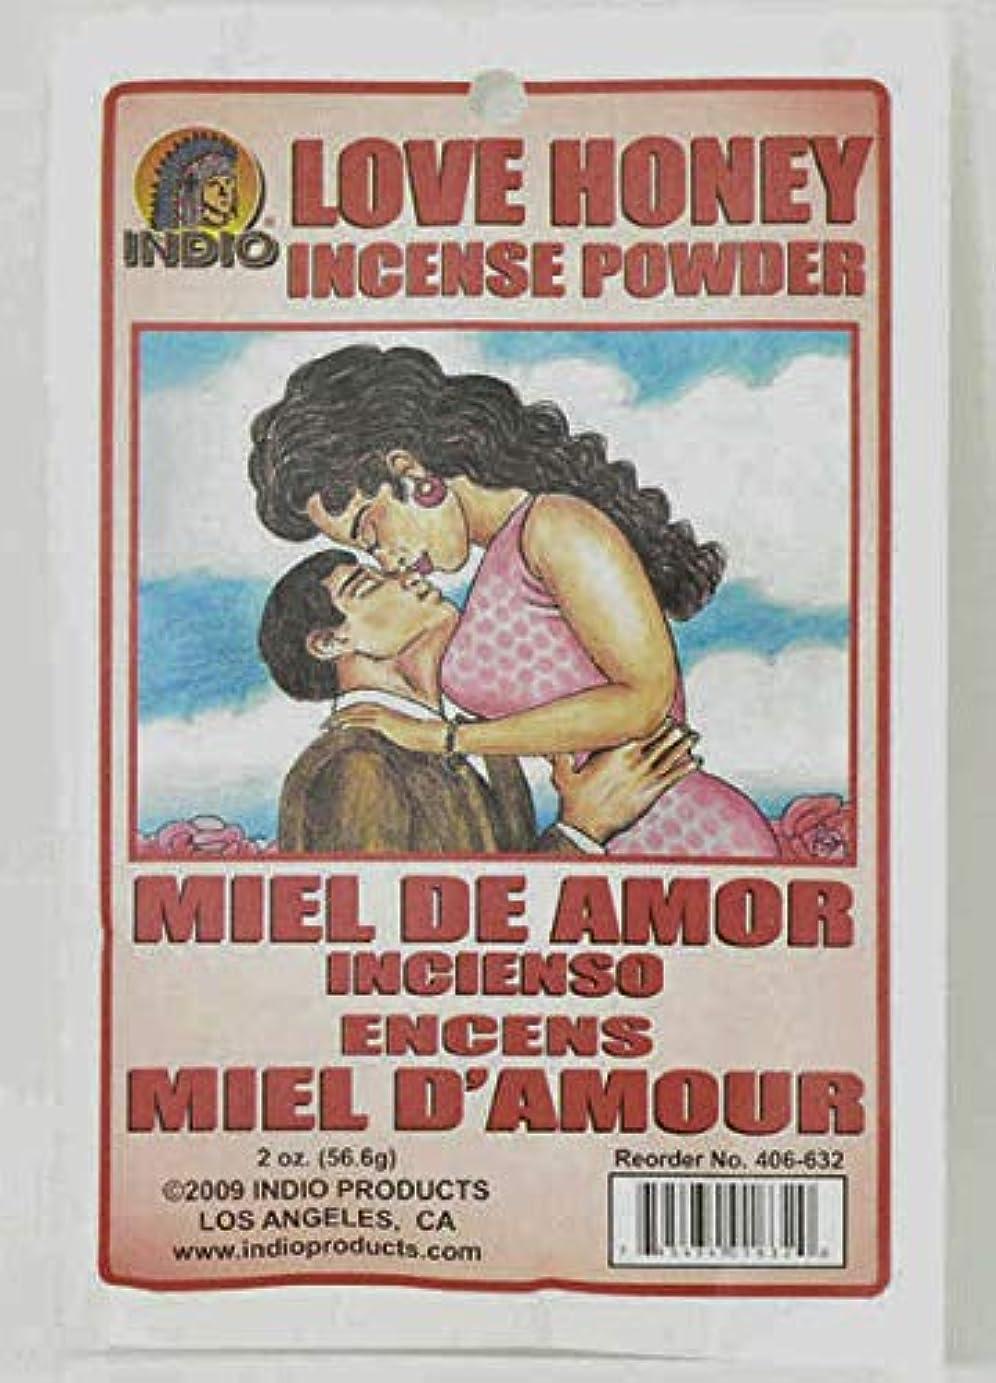 ホールドオール状寓話Love Honey Incense Powder – Miel de Amor Incienso Encens Miel dの世紀からハイビスカス柄Express